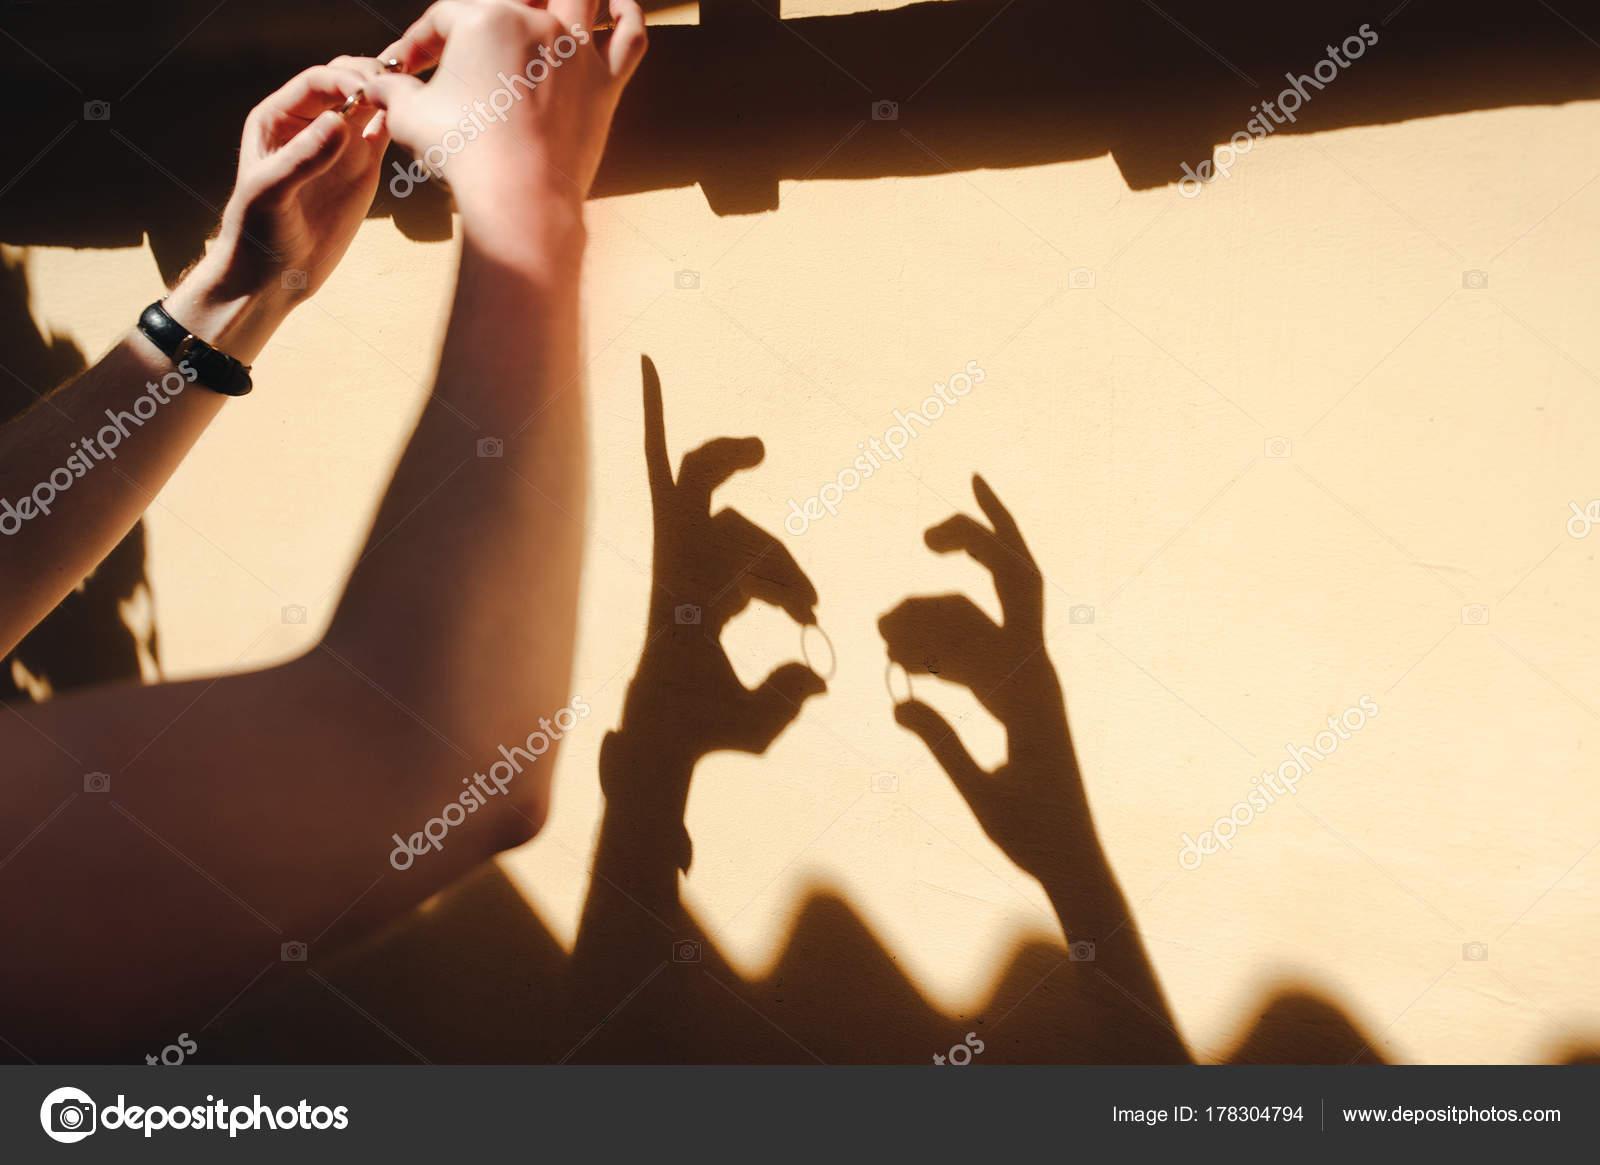 Der Brautigam Halt Hochzeit Ringe Der Wand Schatten Von Handen